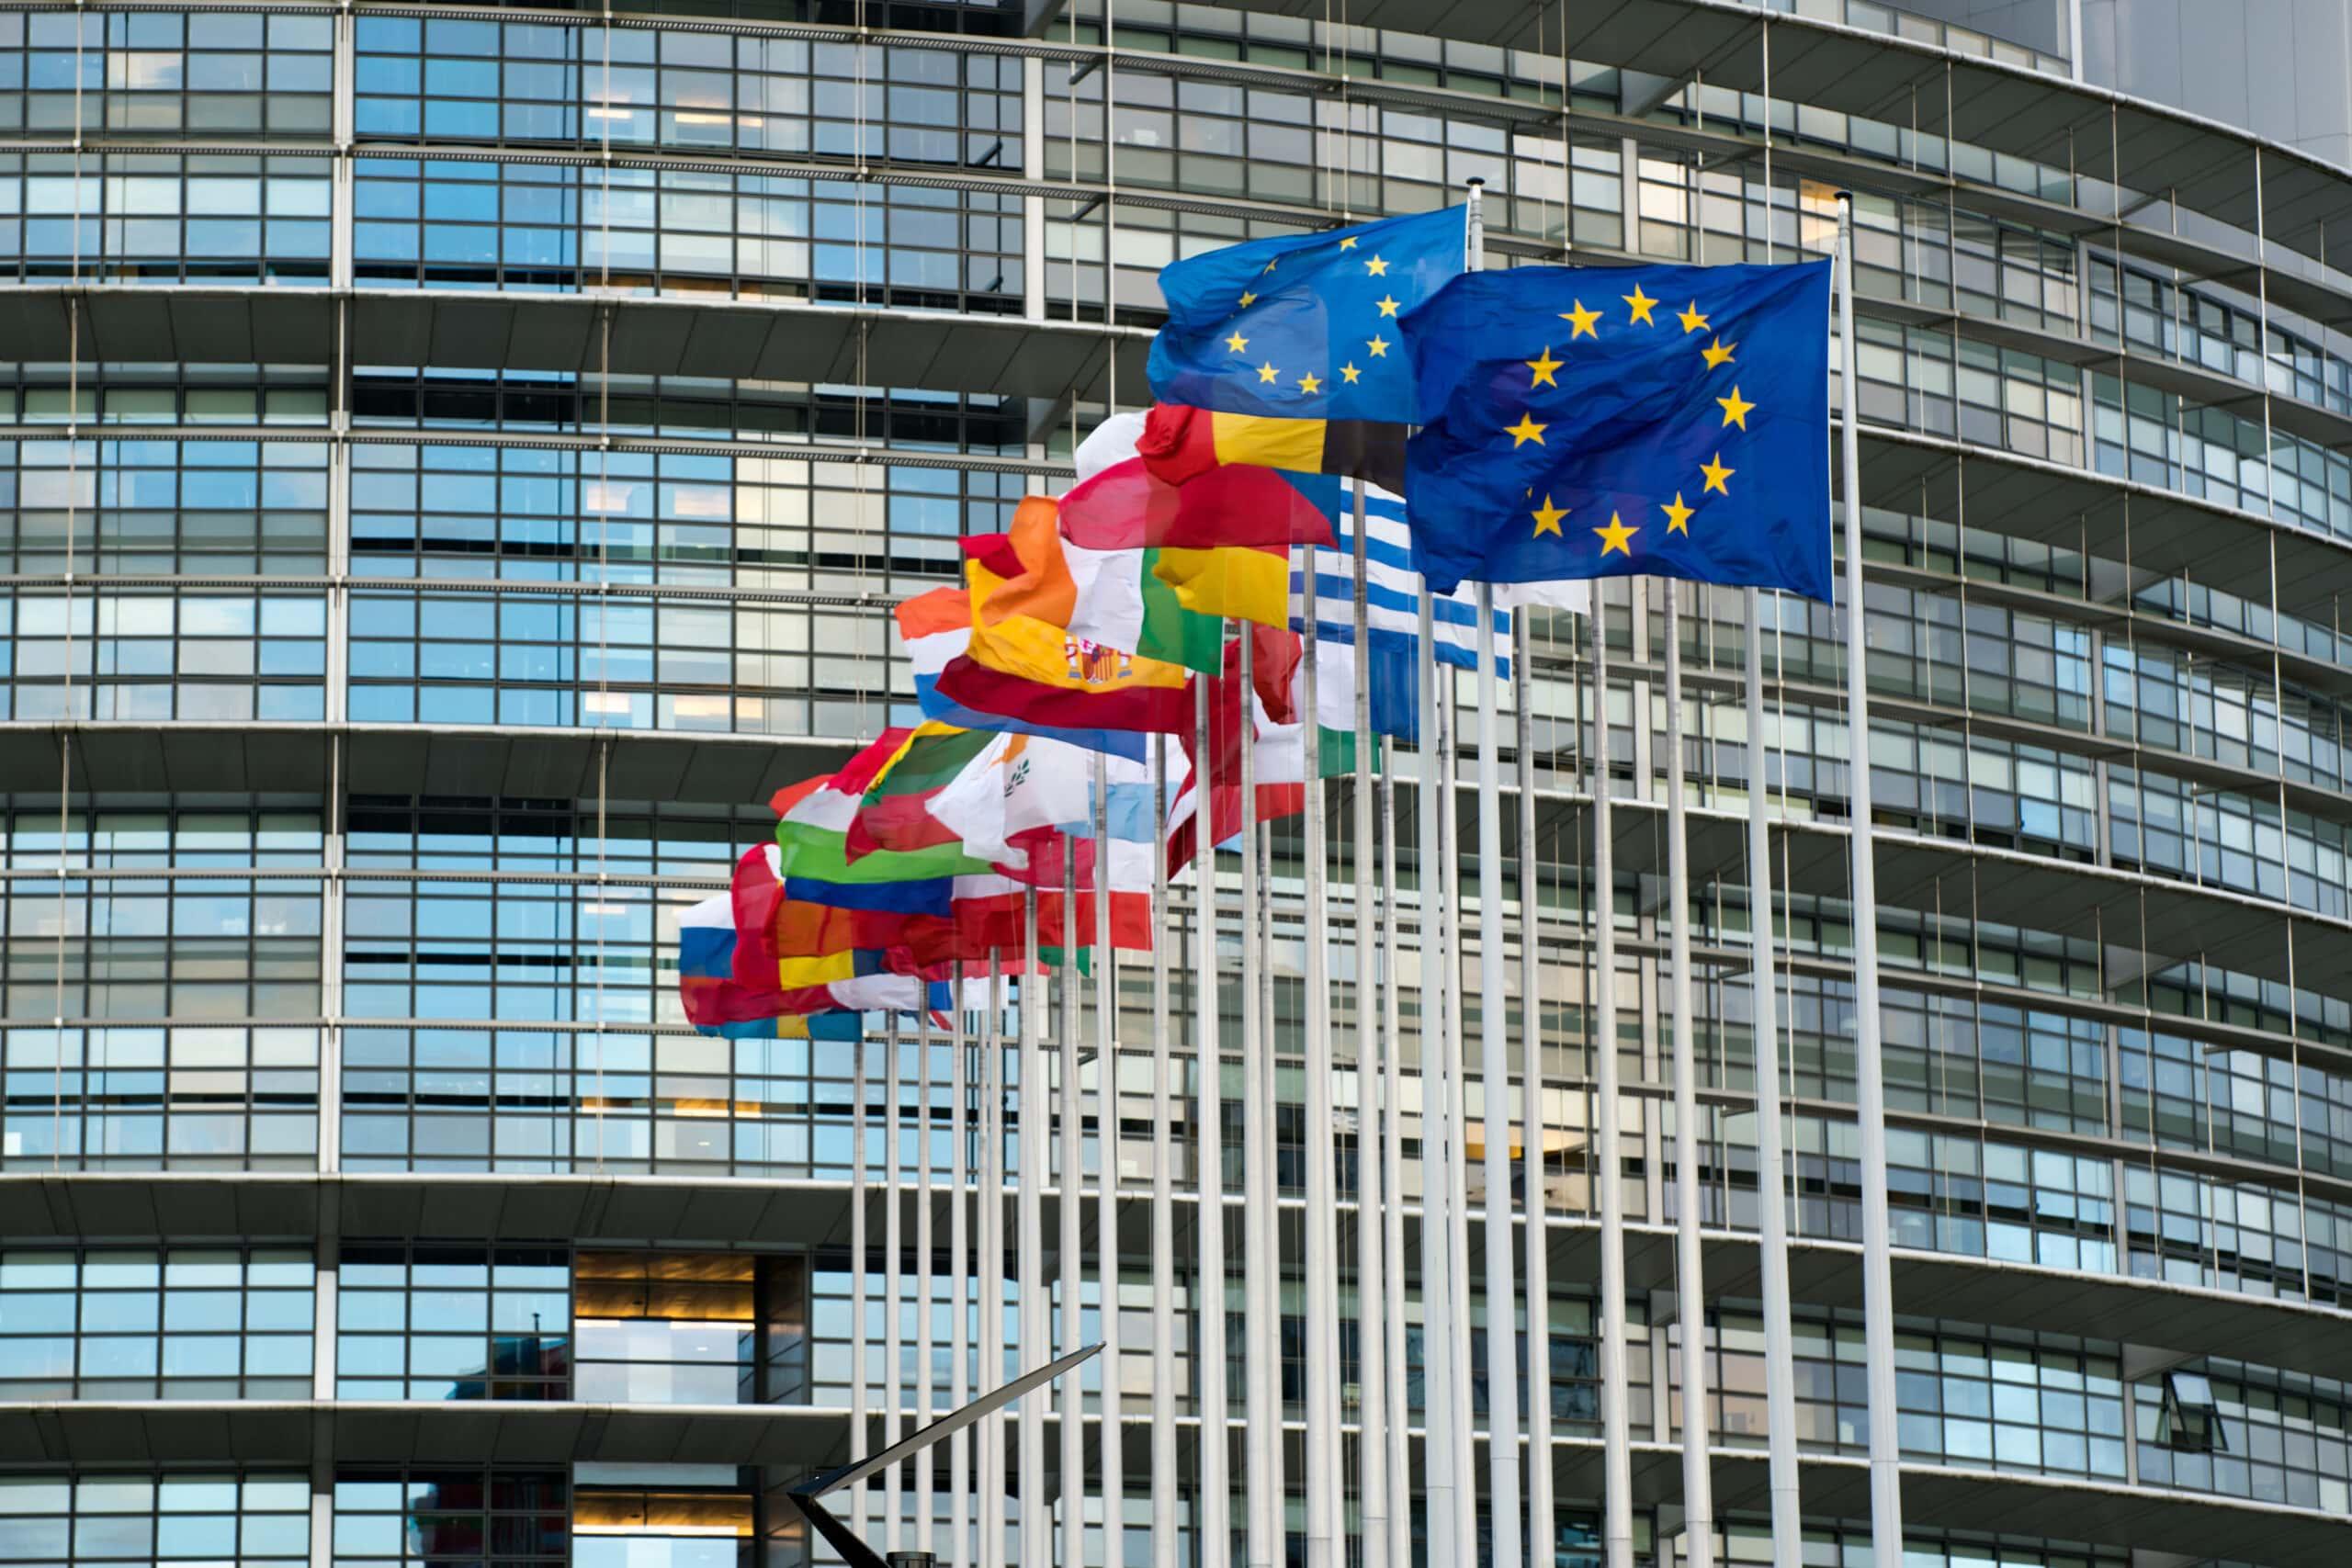 Gründung in der EU